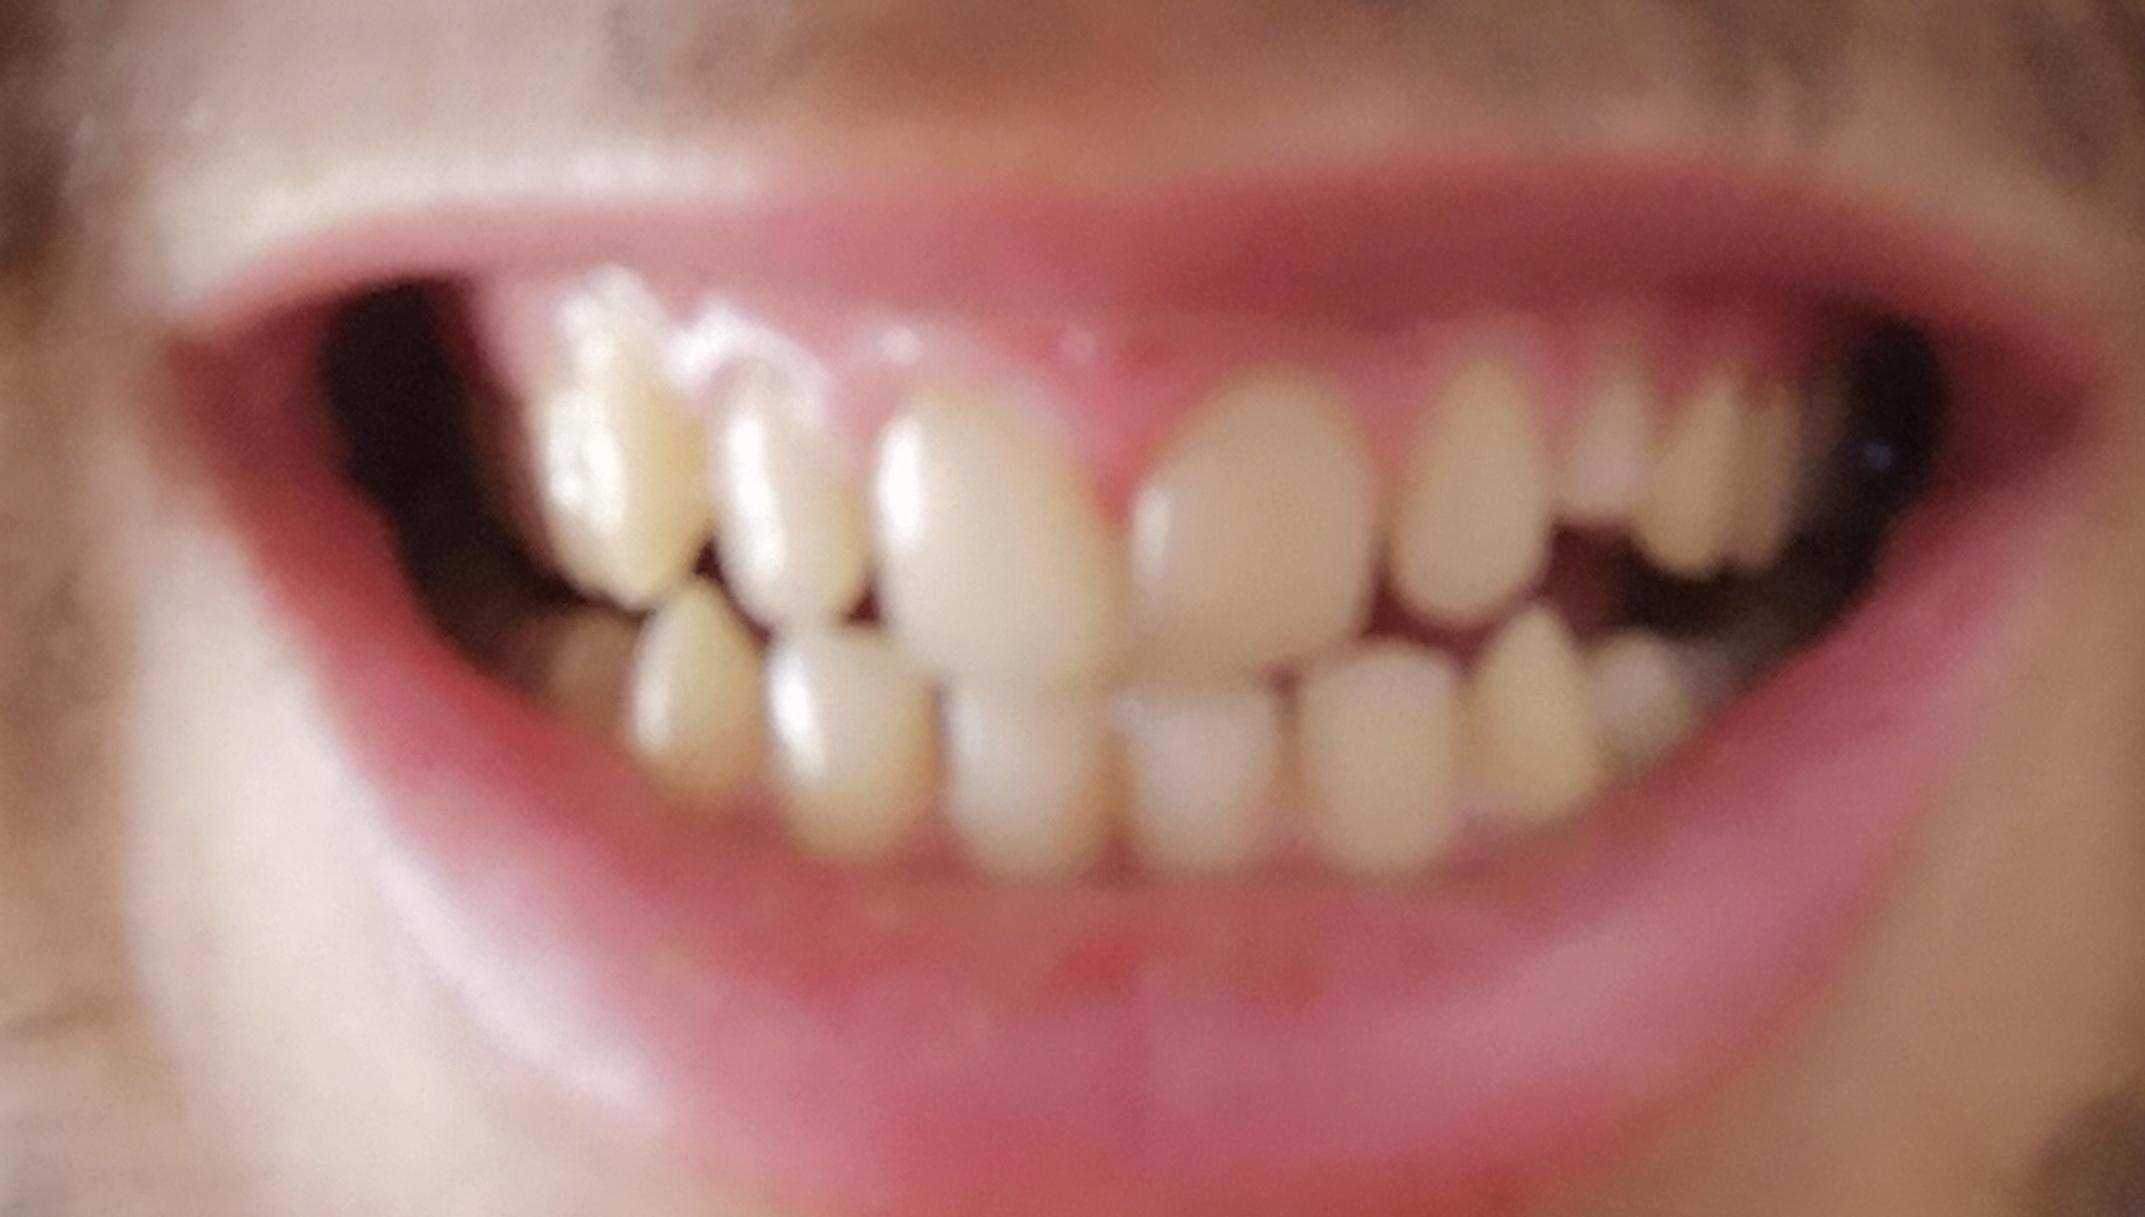 Sollte ich meine Zähne machen lassen? (Gesundheit und